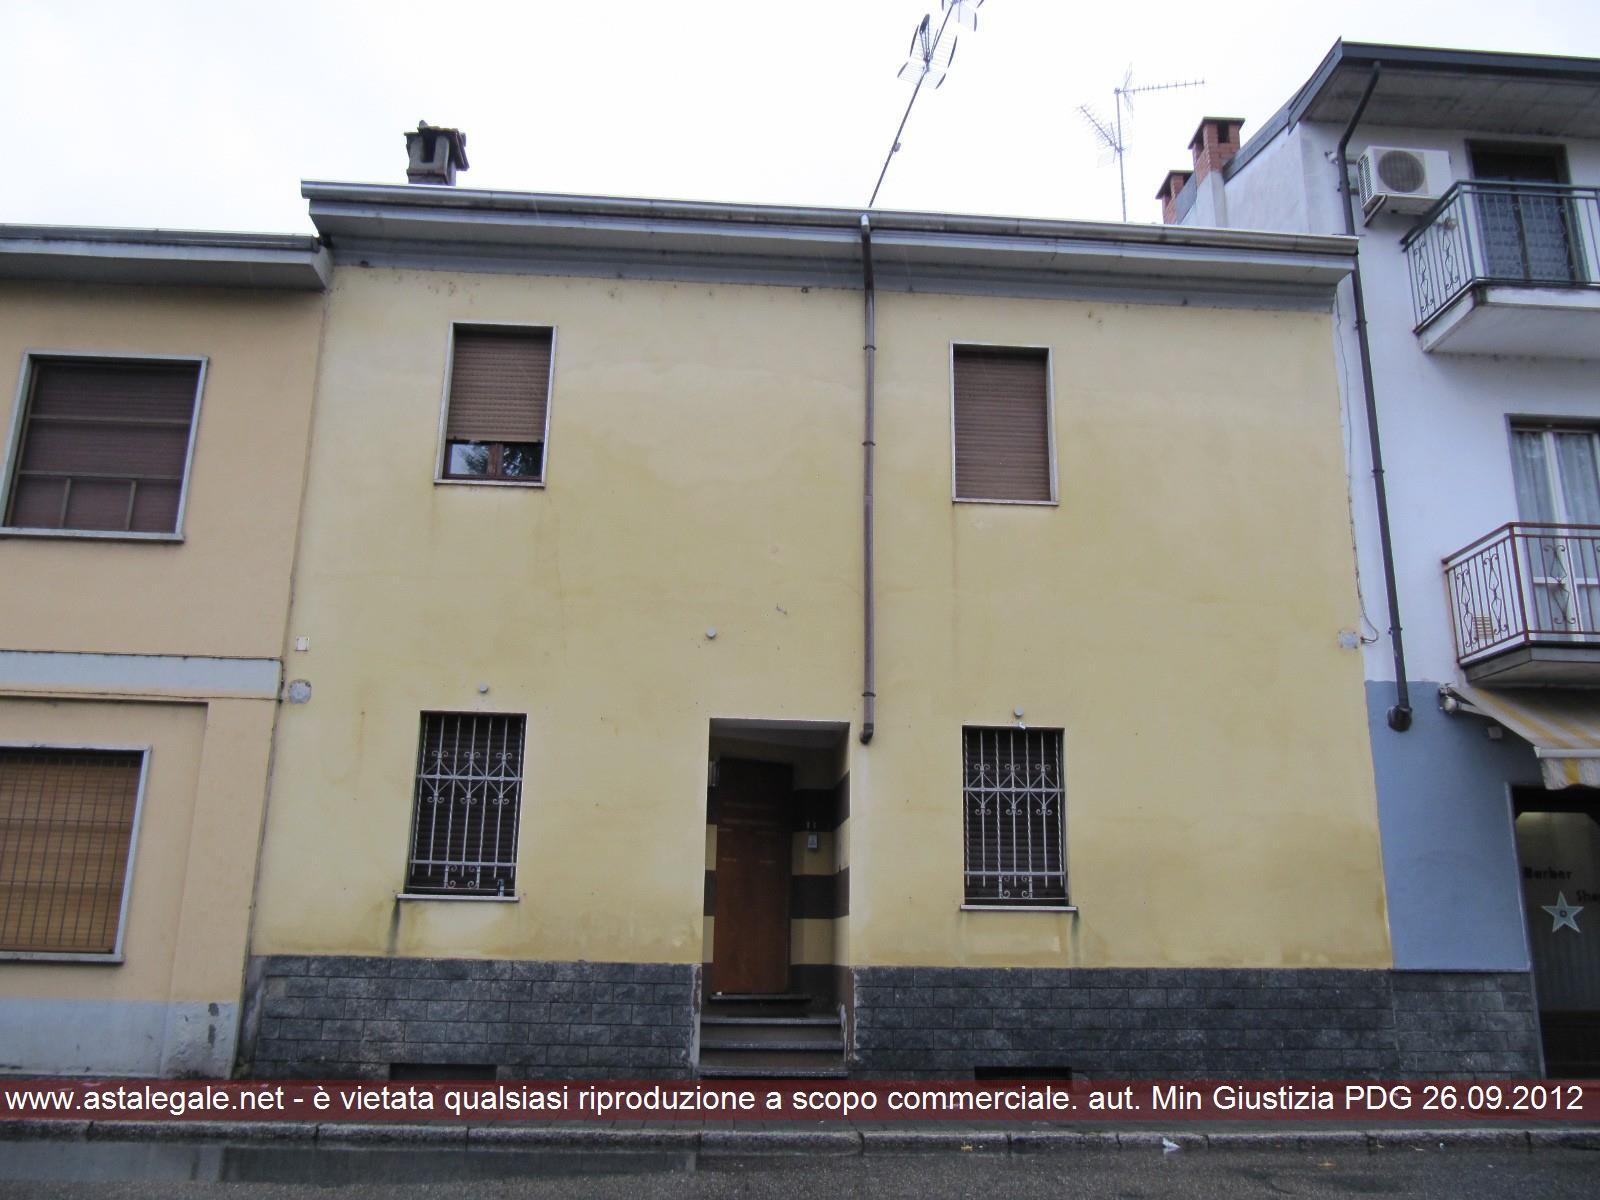 Vigevano (PV) Corso Genova 77